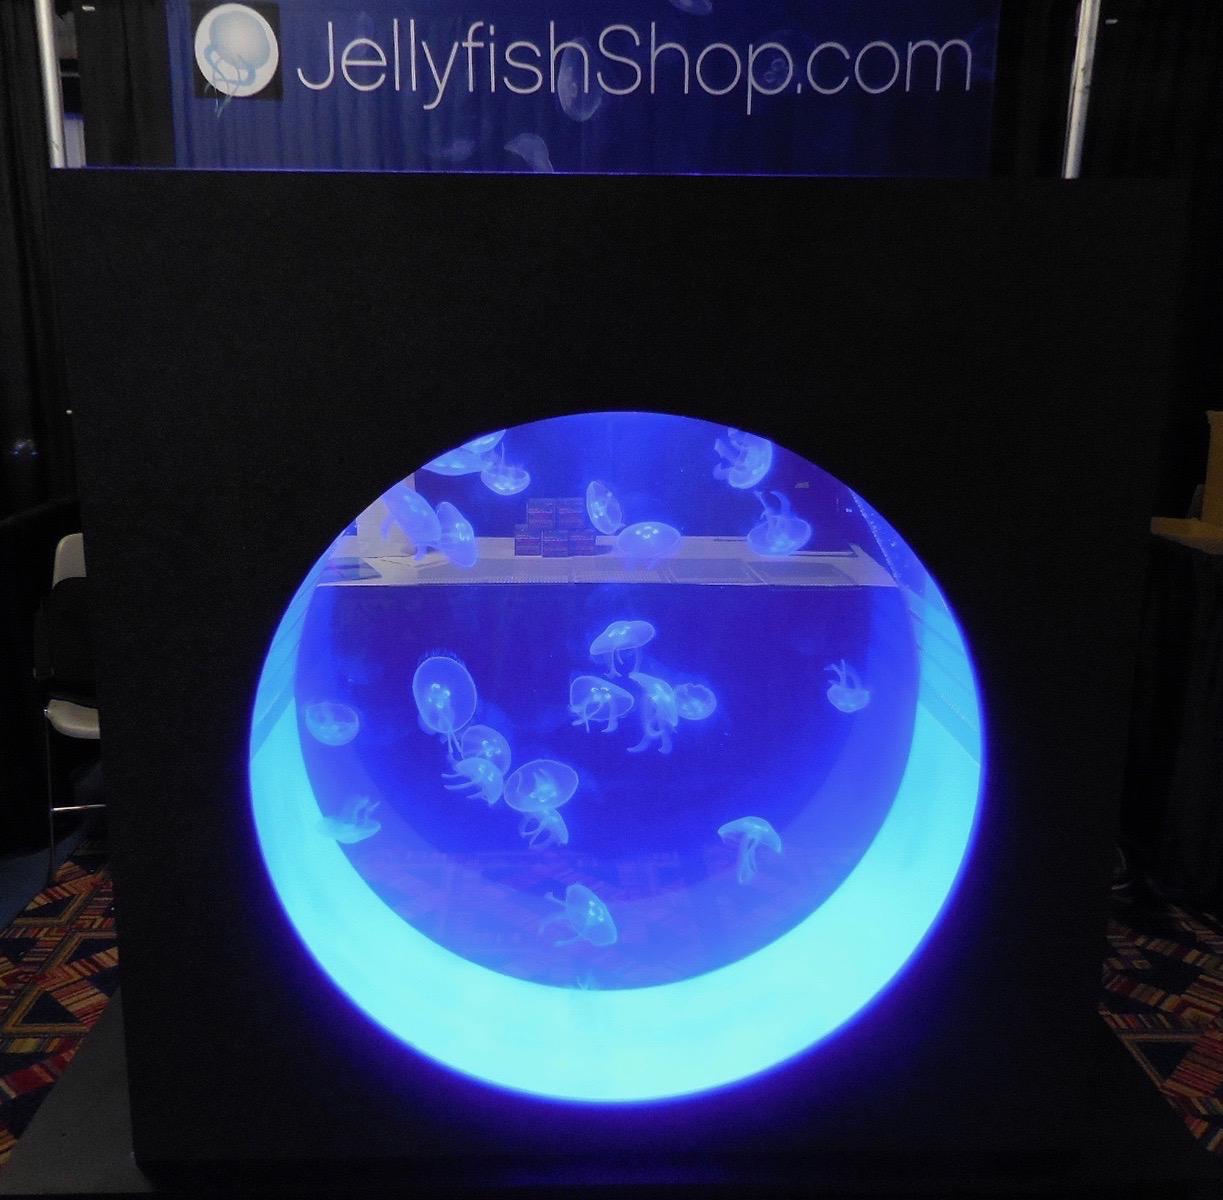 Jellyfish aquarium for sale : Parts auto online